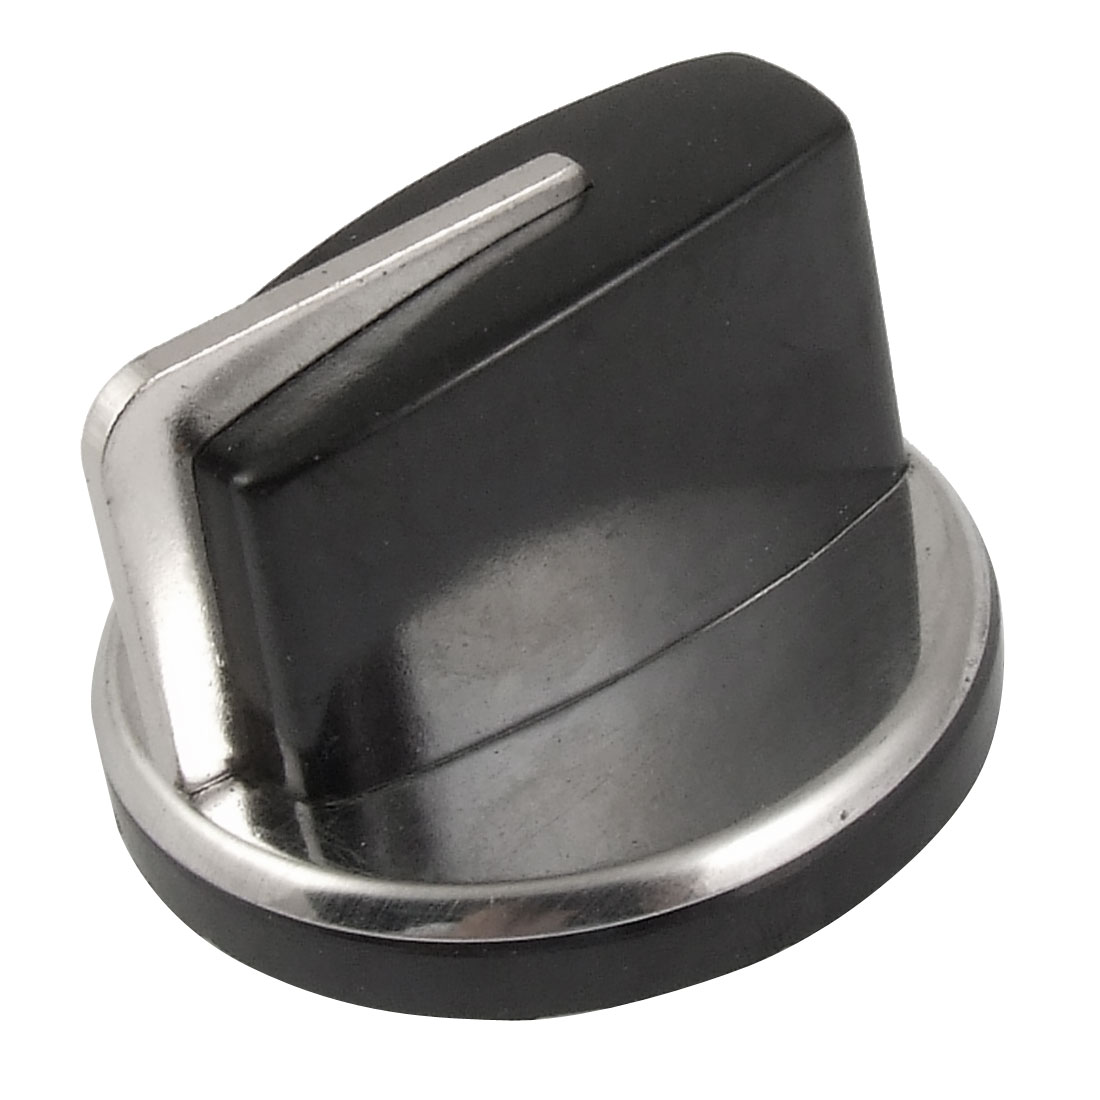 Unique Bargains Stove Oven Range Surface Mount Knob Silver Tone Black